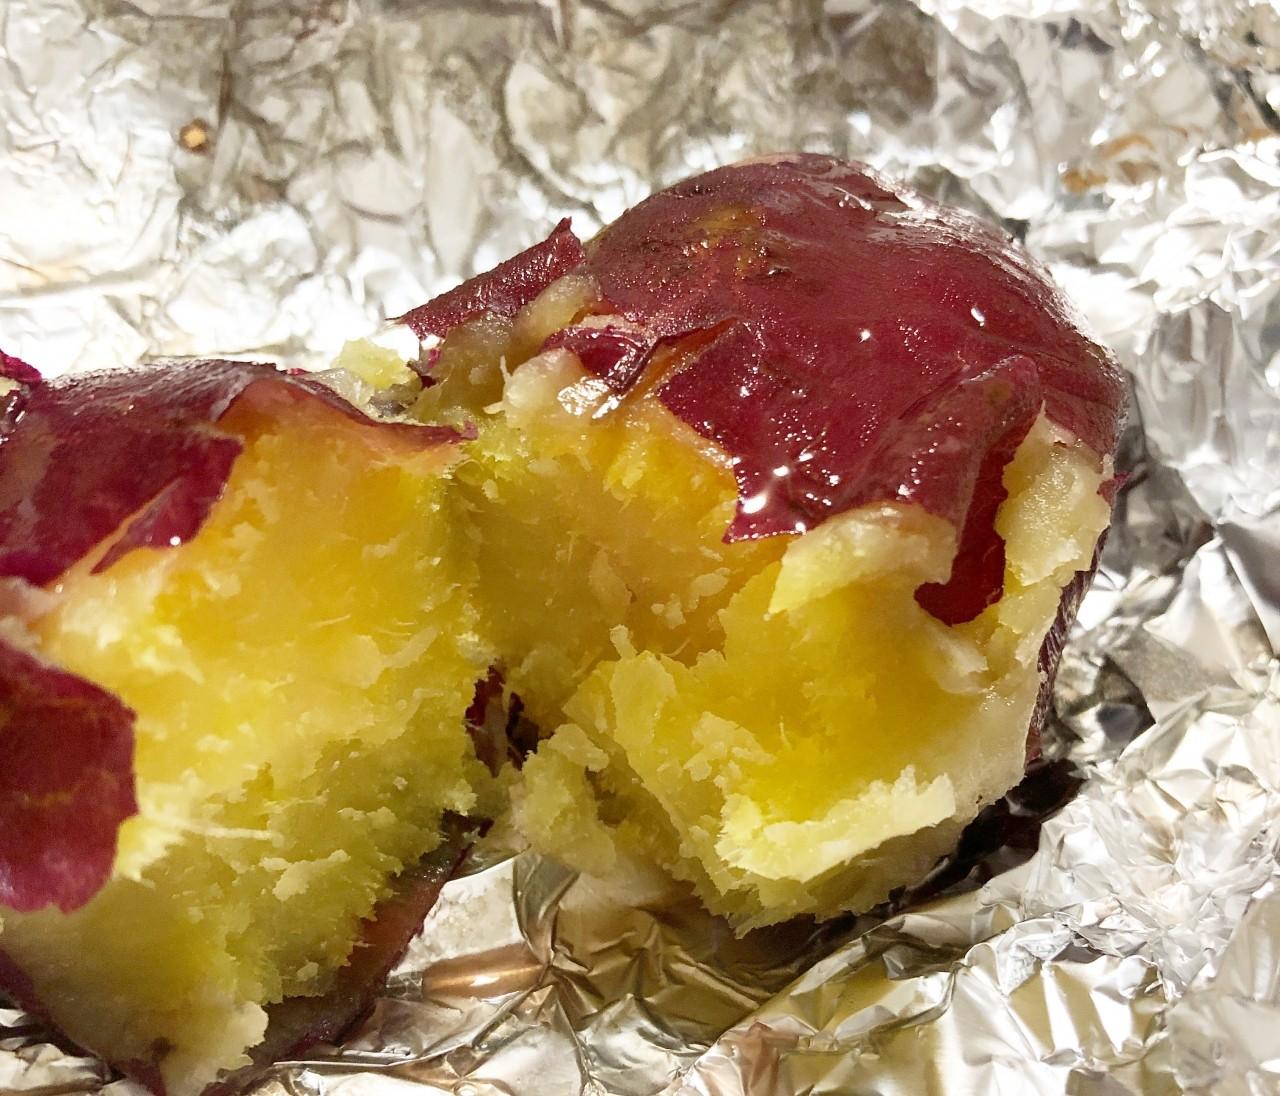 【簡単レシピ】家で作れる!ほったらかしでトロトロ焼き芋